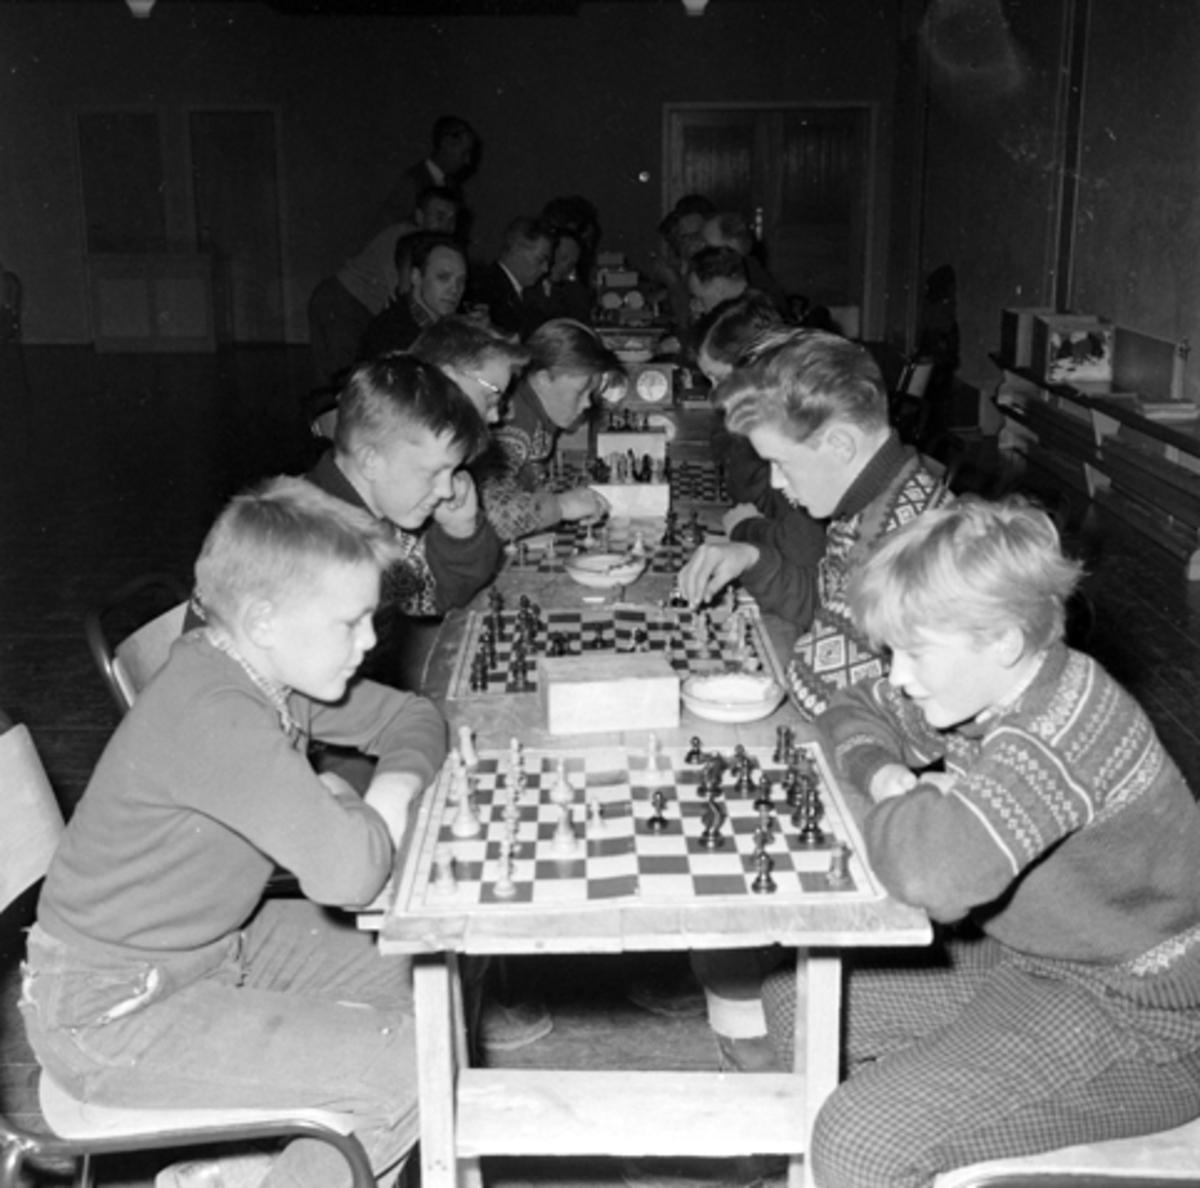 Sjakklubb, sjakkspillere, ungdommsklubb, Hamar?